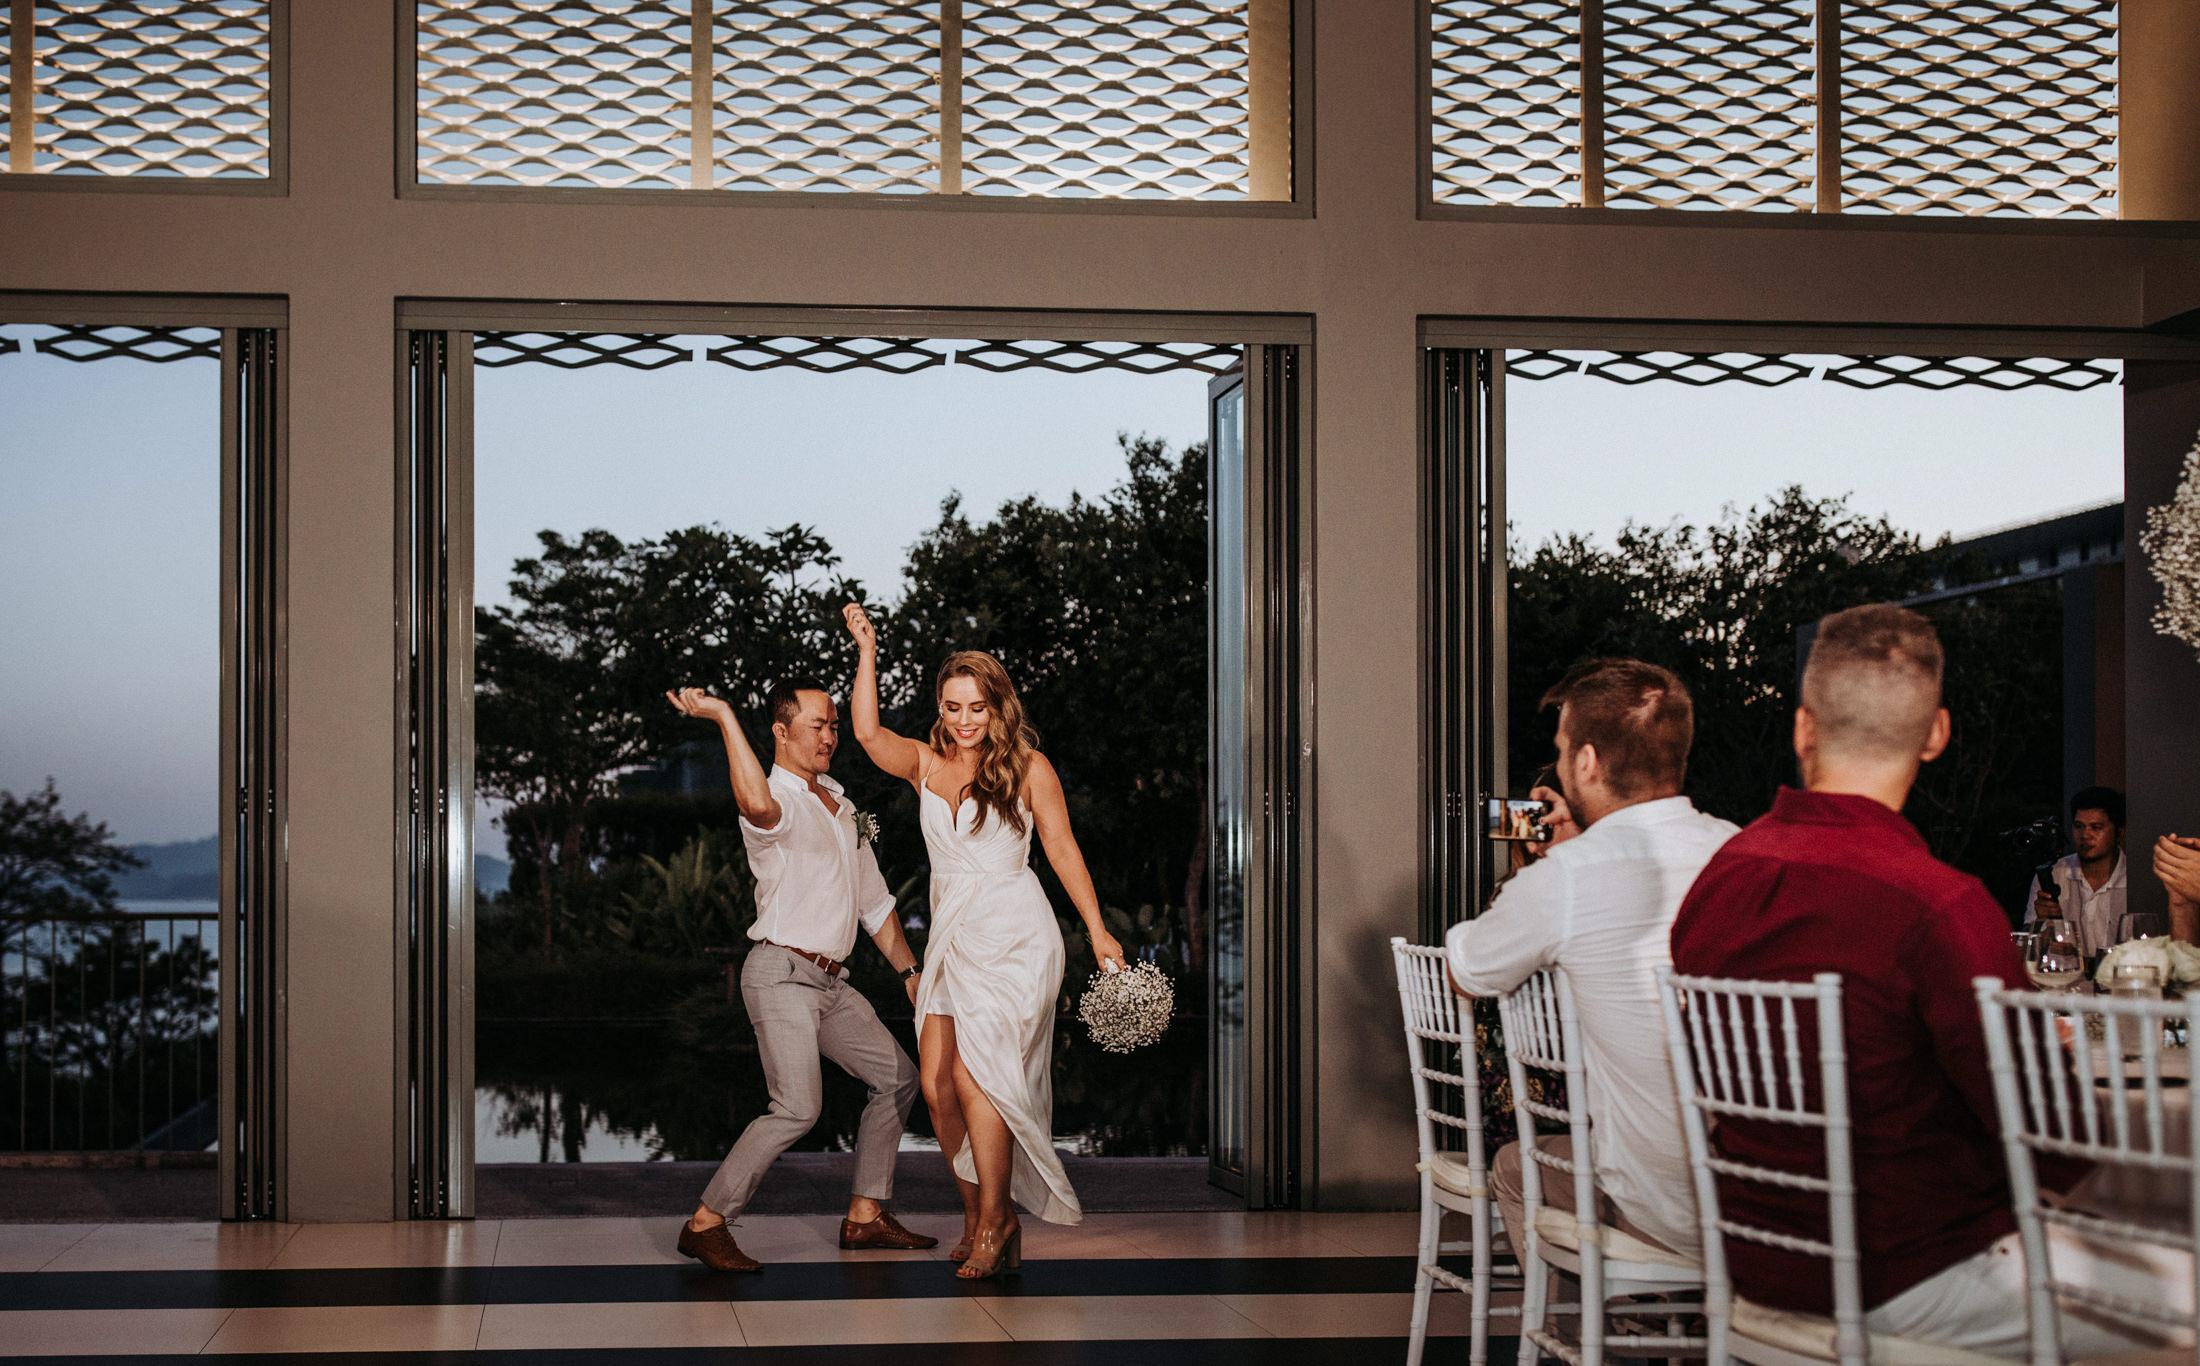 DanielaMarquardt_Wedding_Thailand_354